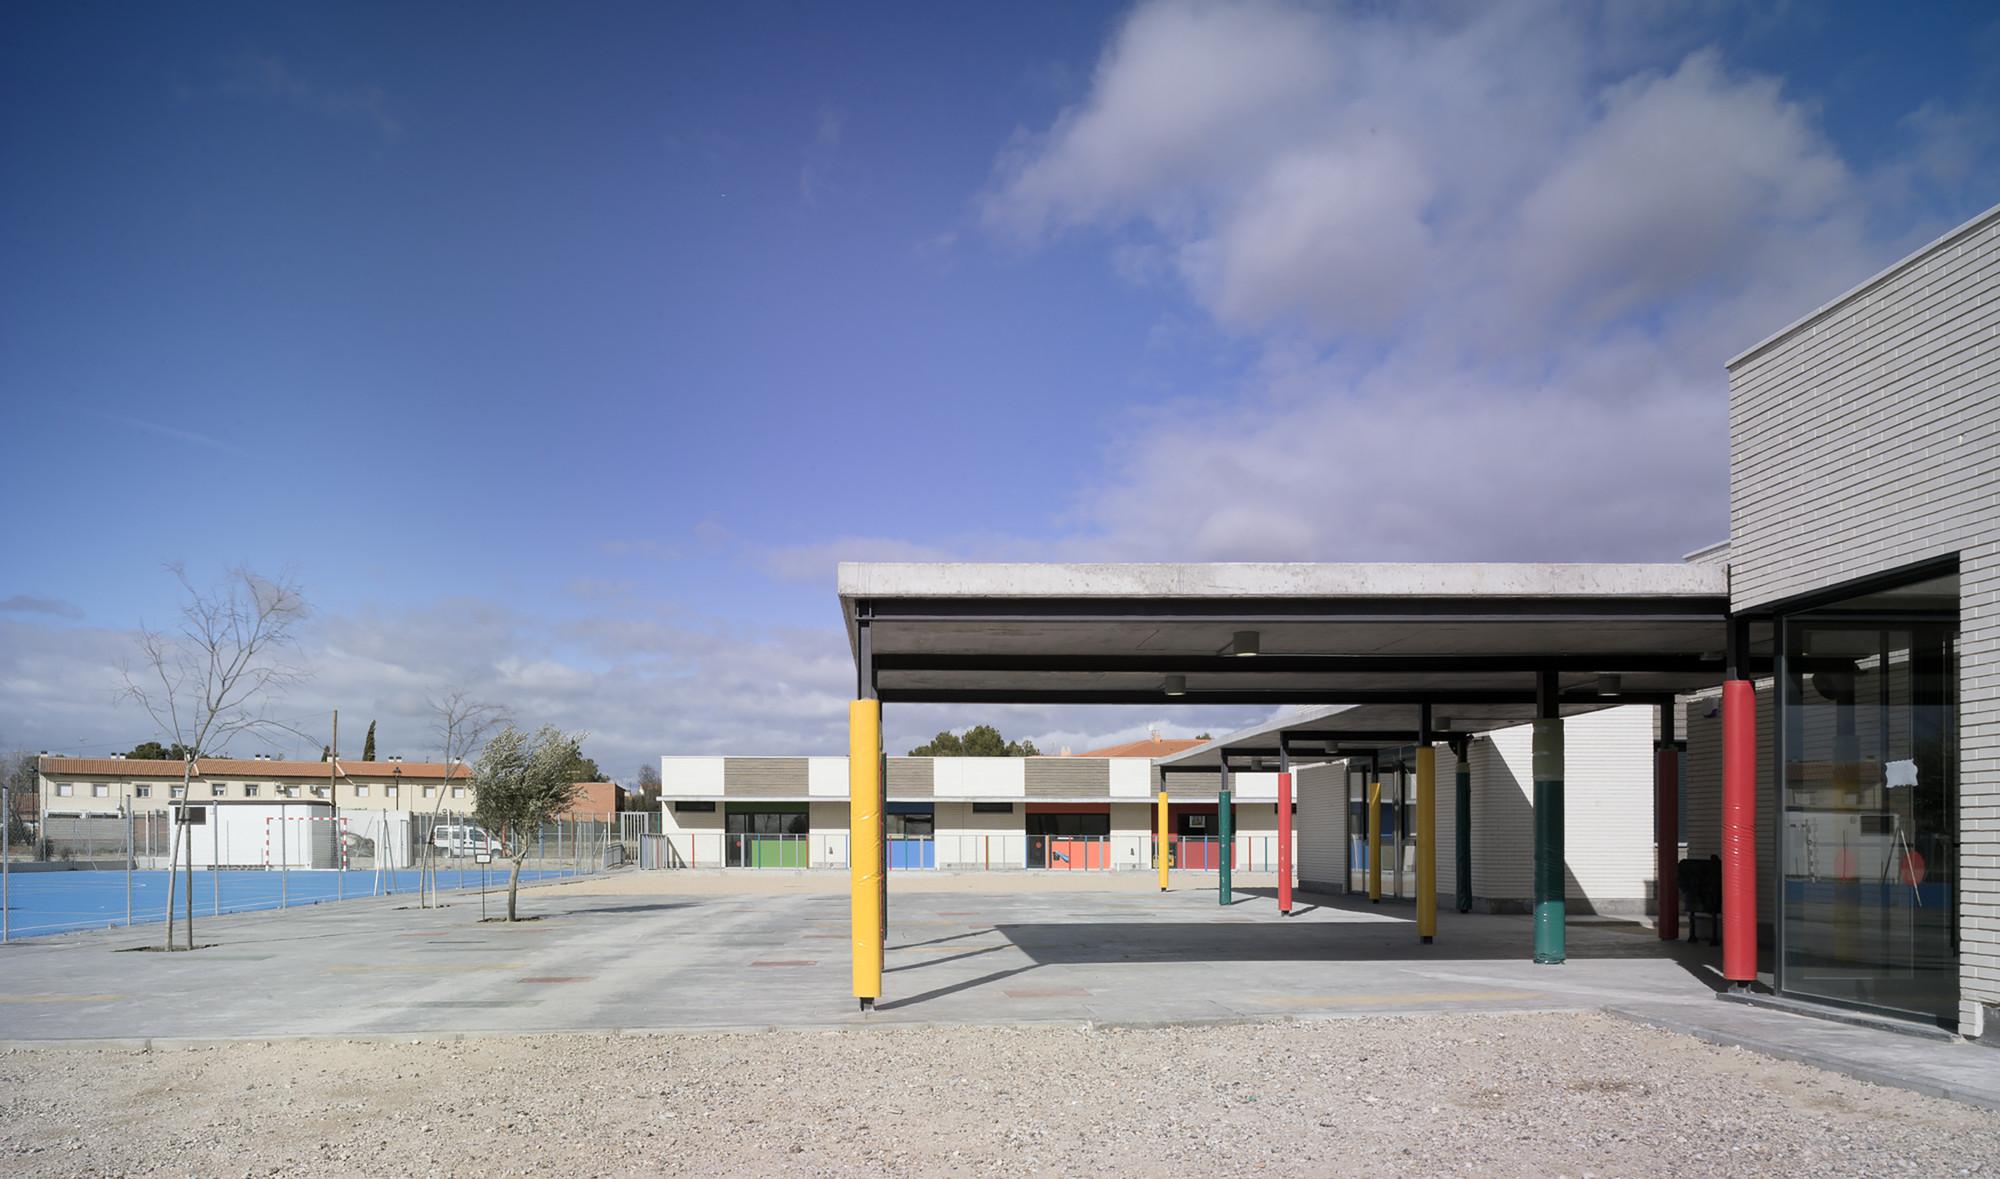 Colegio p blico municipio de ciruelos milano rugnon arquitectos plataforma arquitectura - Colegio arquitectos toledo ...